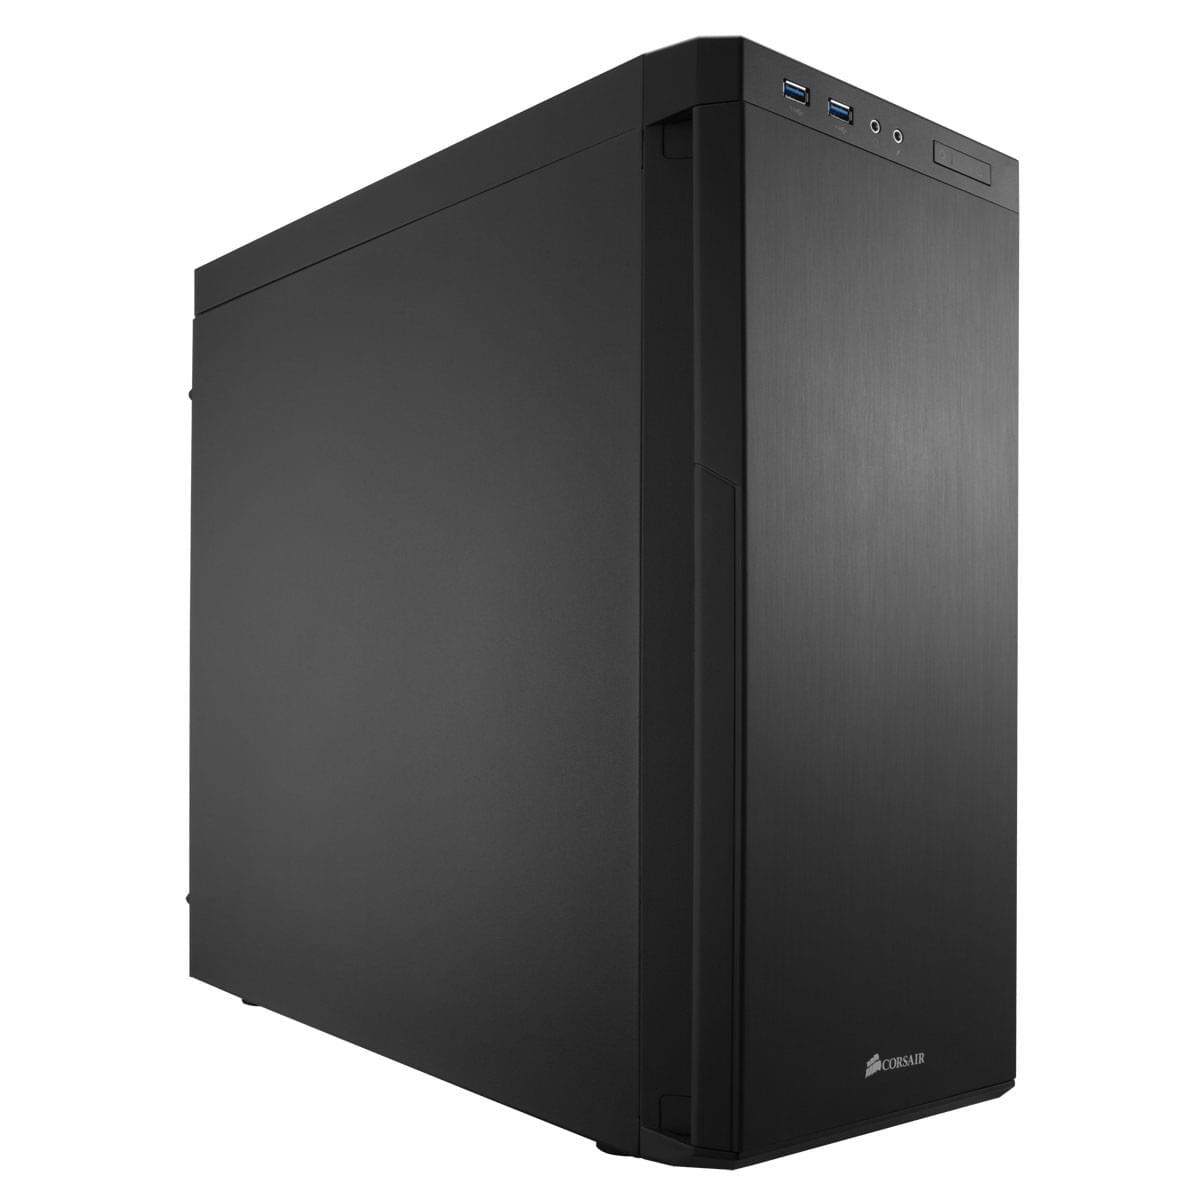 Corsair Carbide 330R Blackout - Boîtier PC Acier - Sans Alim - 0